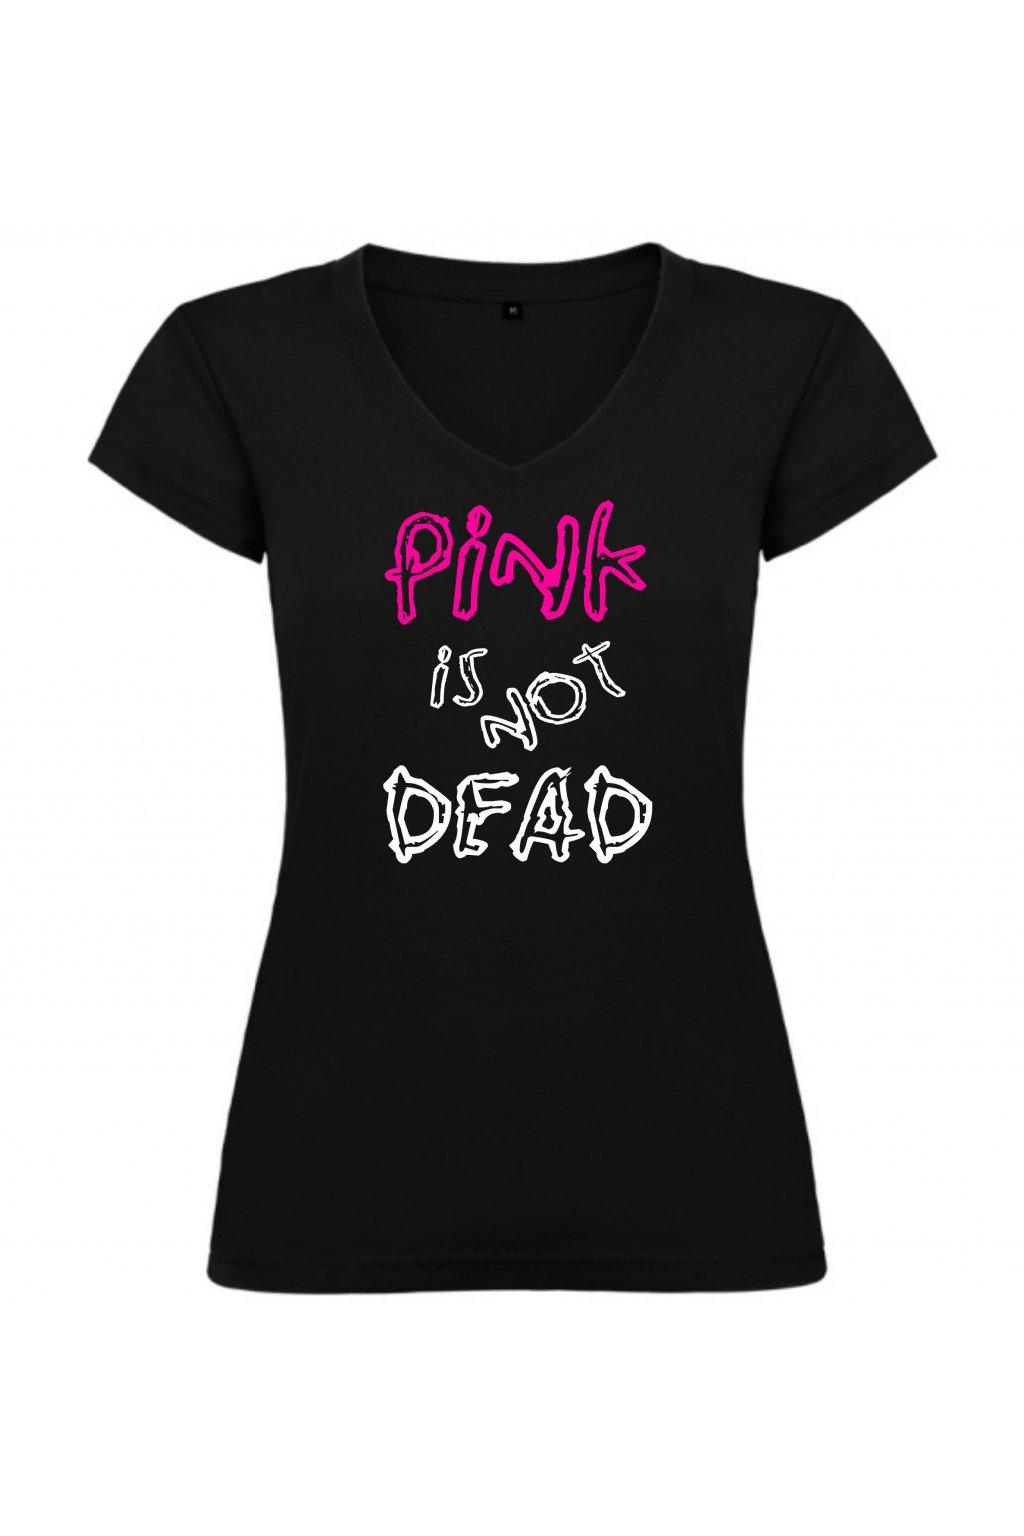 Pink is not dead - véčko (V)